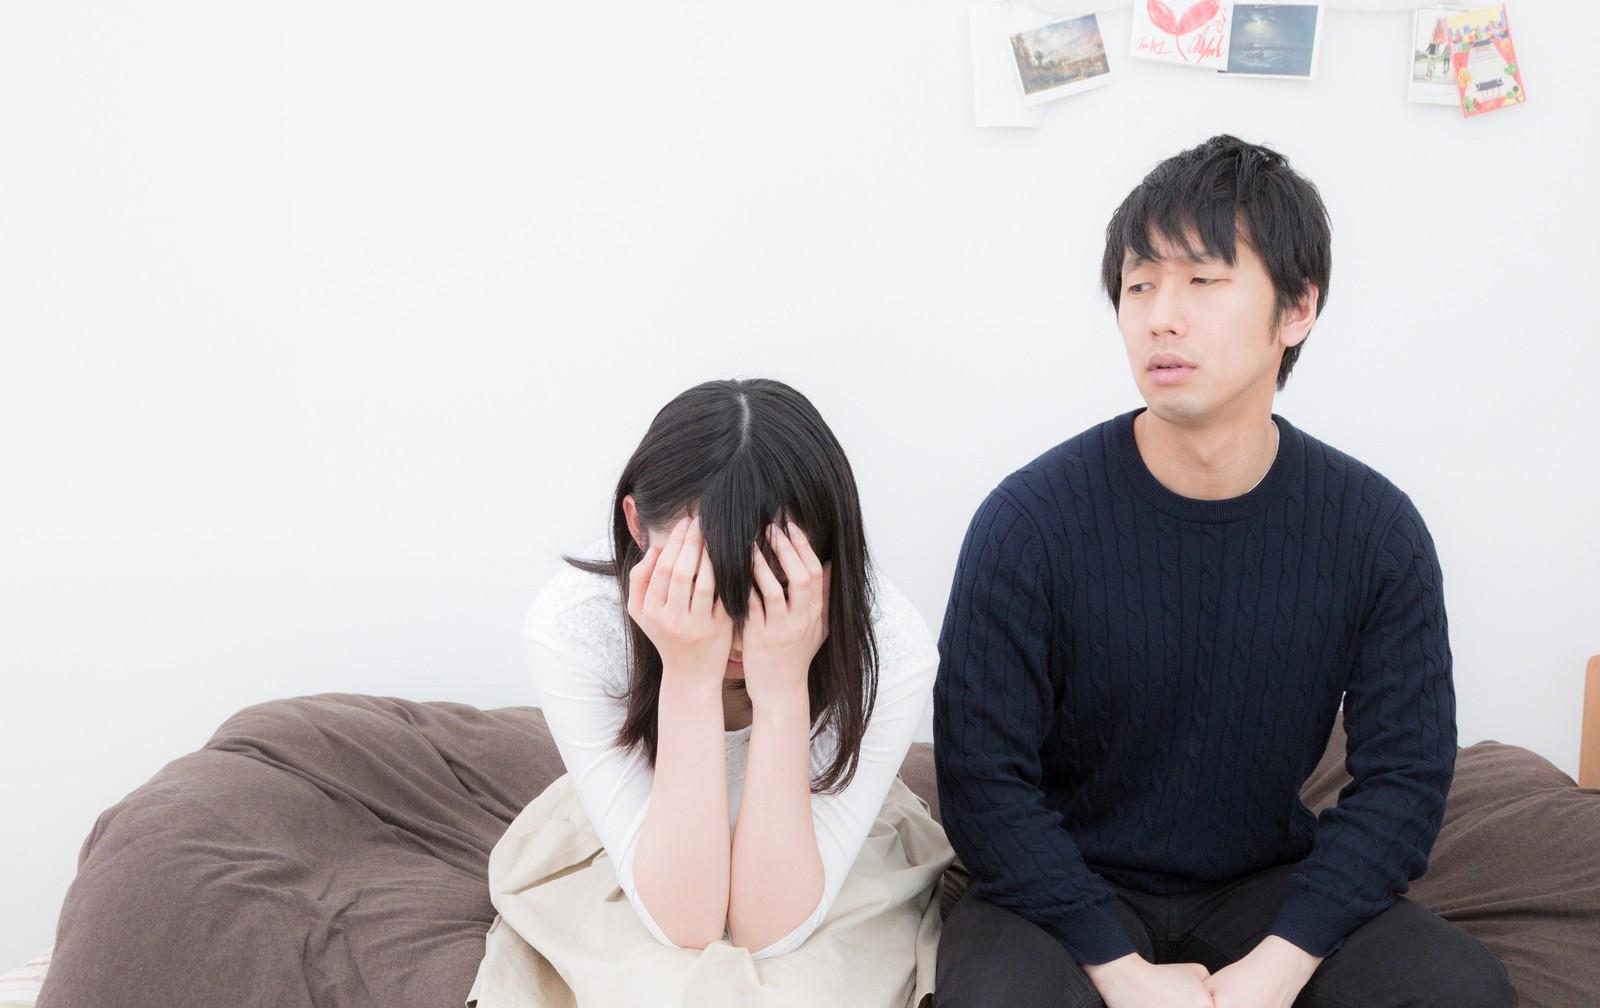 結婚生活を円満にするにはお互いのこだわりや趣味を容認する努力をしよう